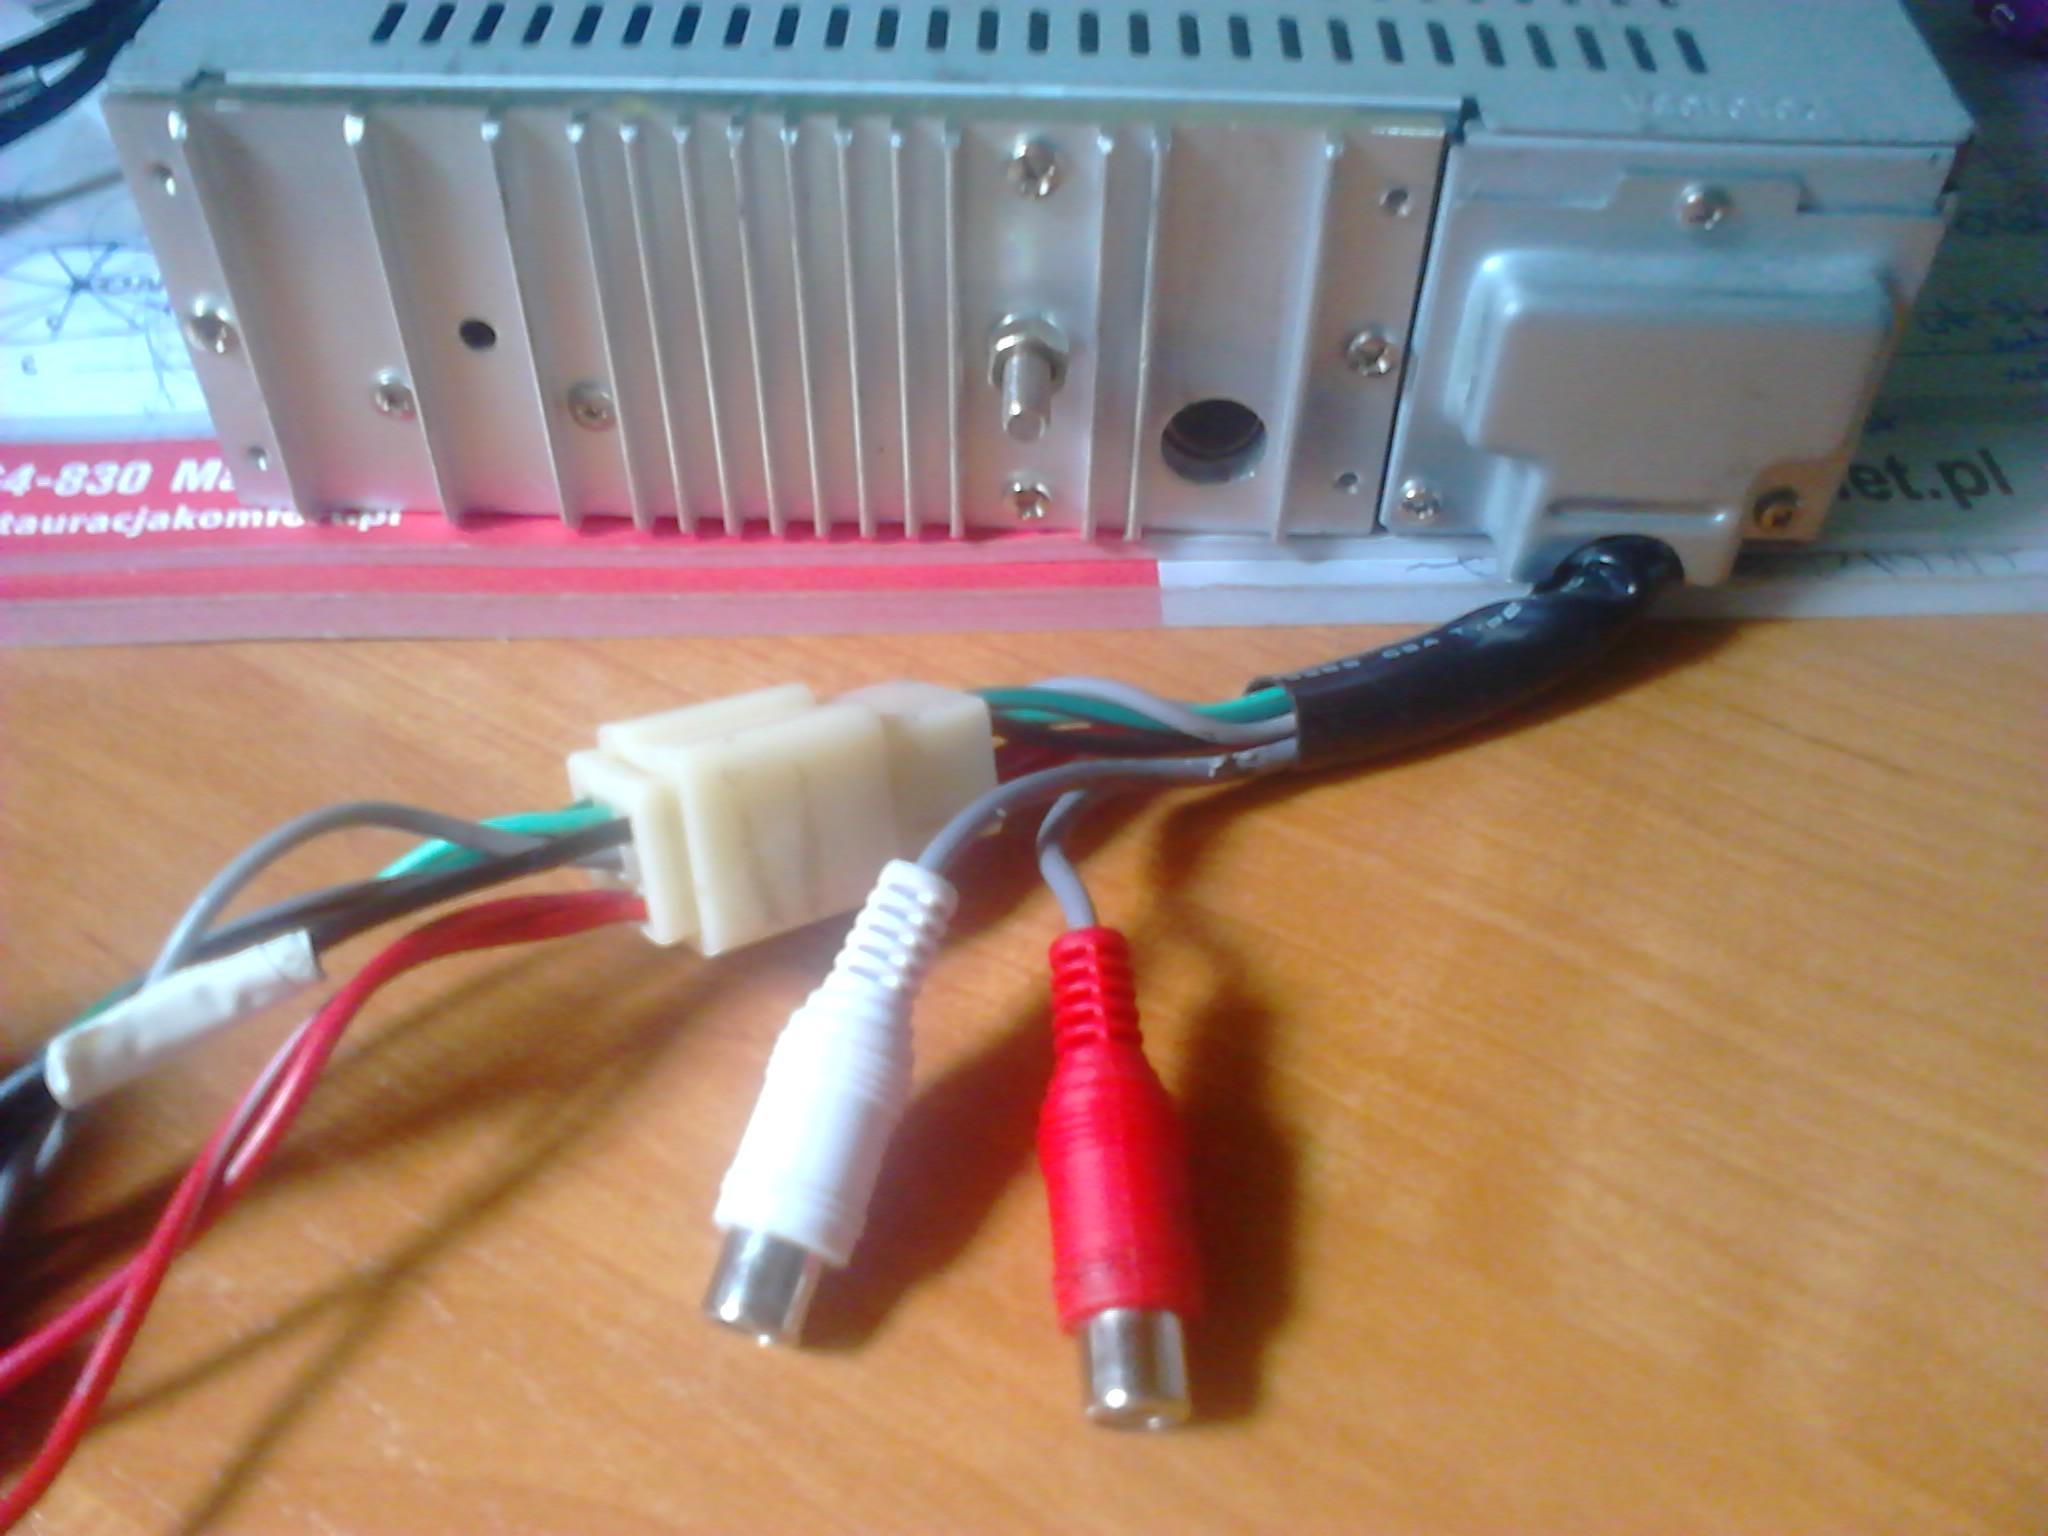 pod��czenie radia, dziwne kable